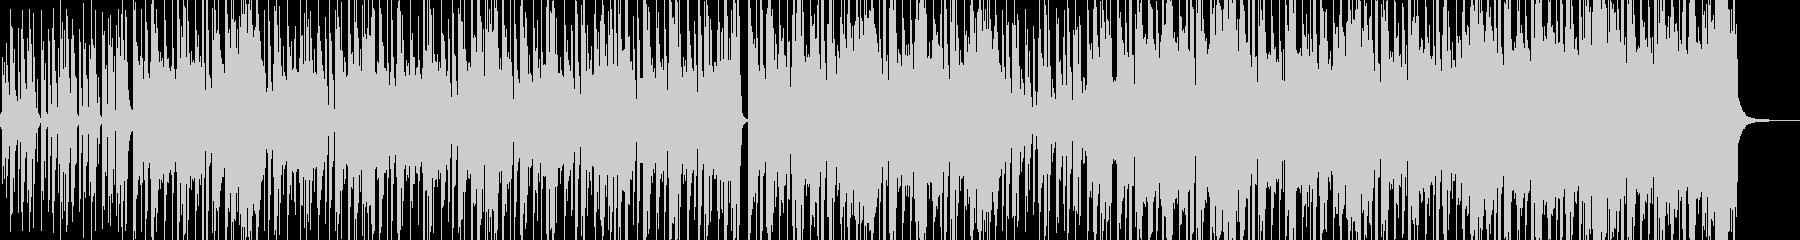 ストリート育ちイメージのヒップホップ Dの未再生の波形